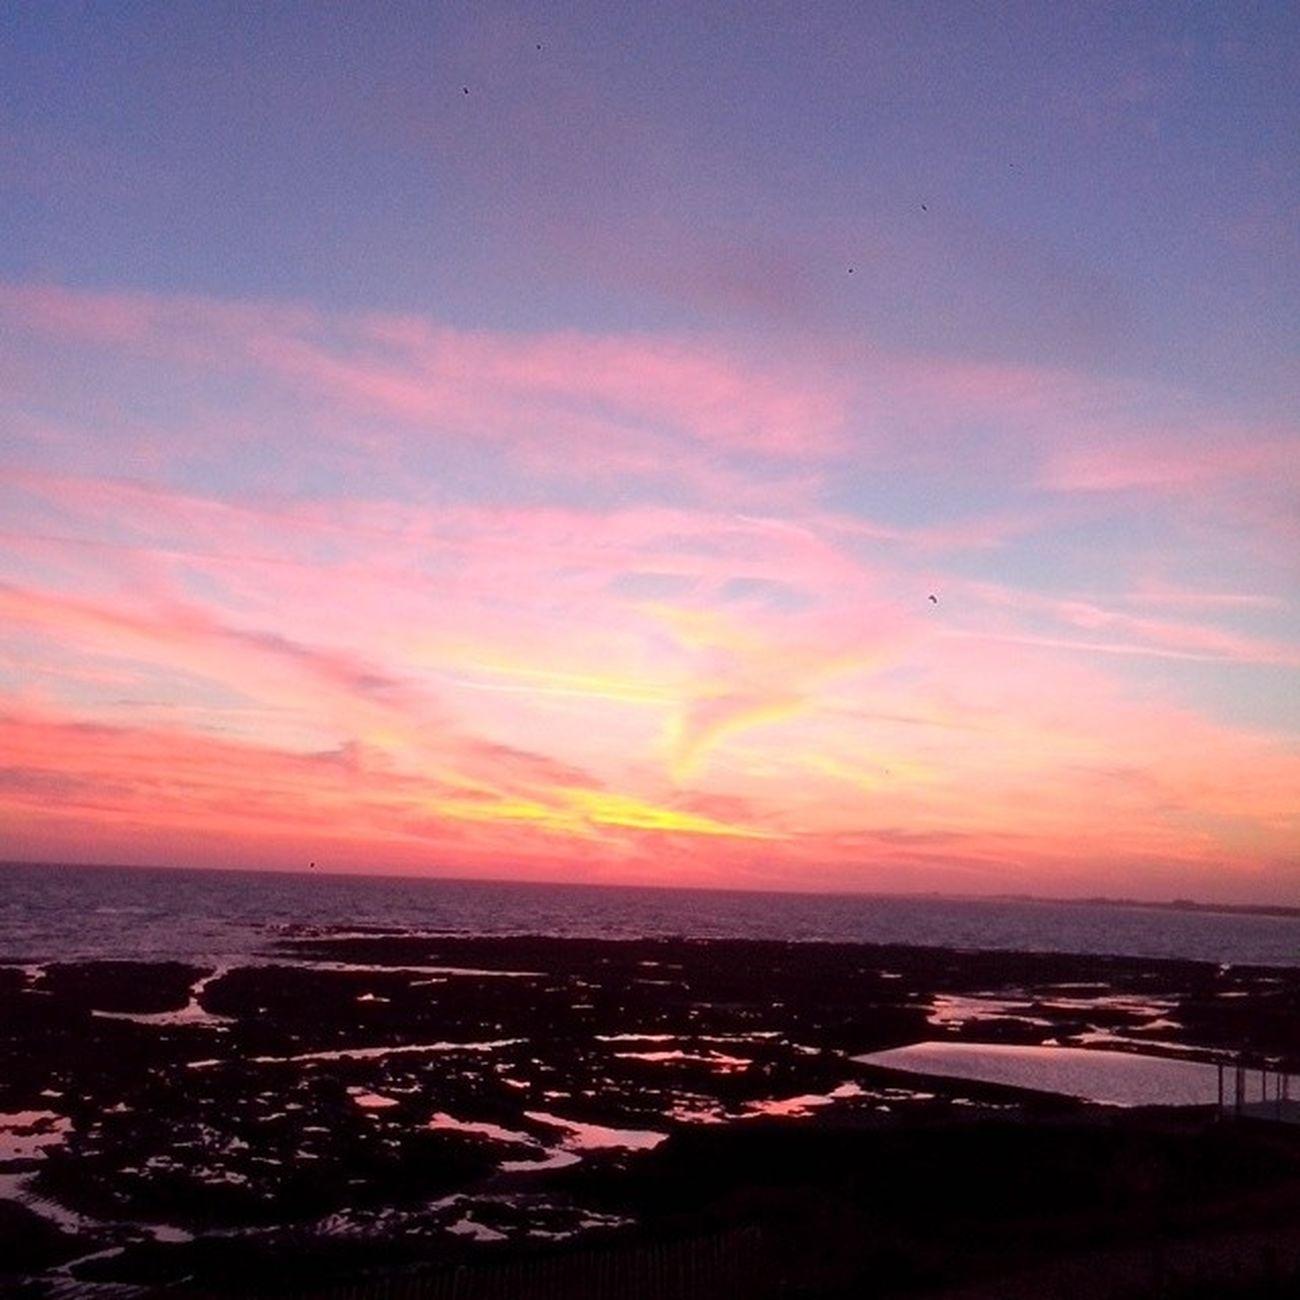 Sun is down. Coucher  De Soleil Vue magnifique vacances bleue rose mer sea sun summer beautiful